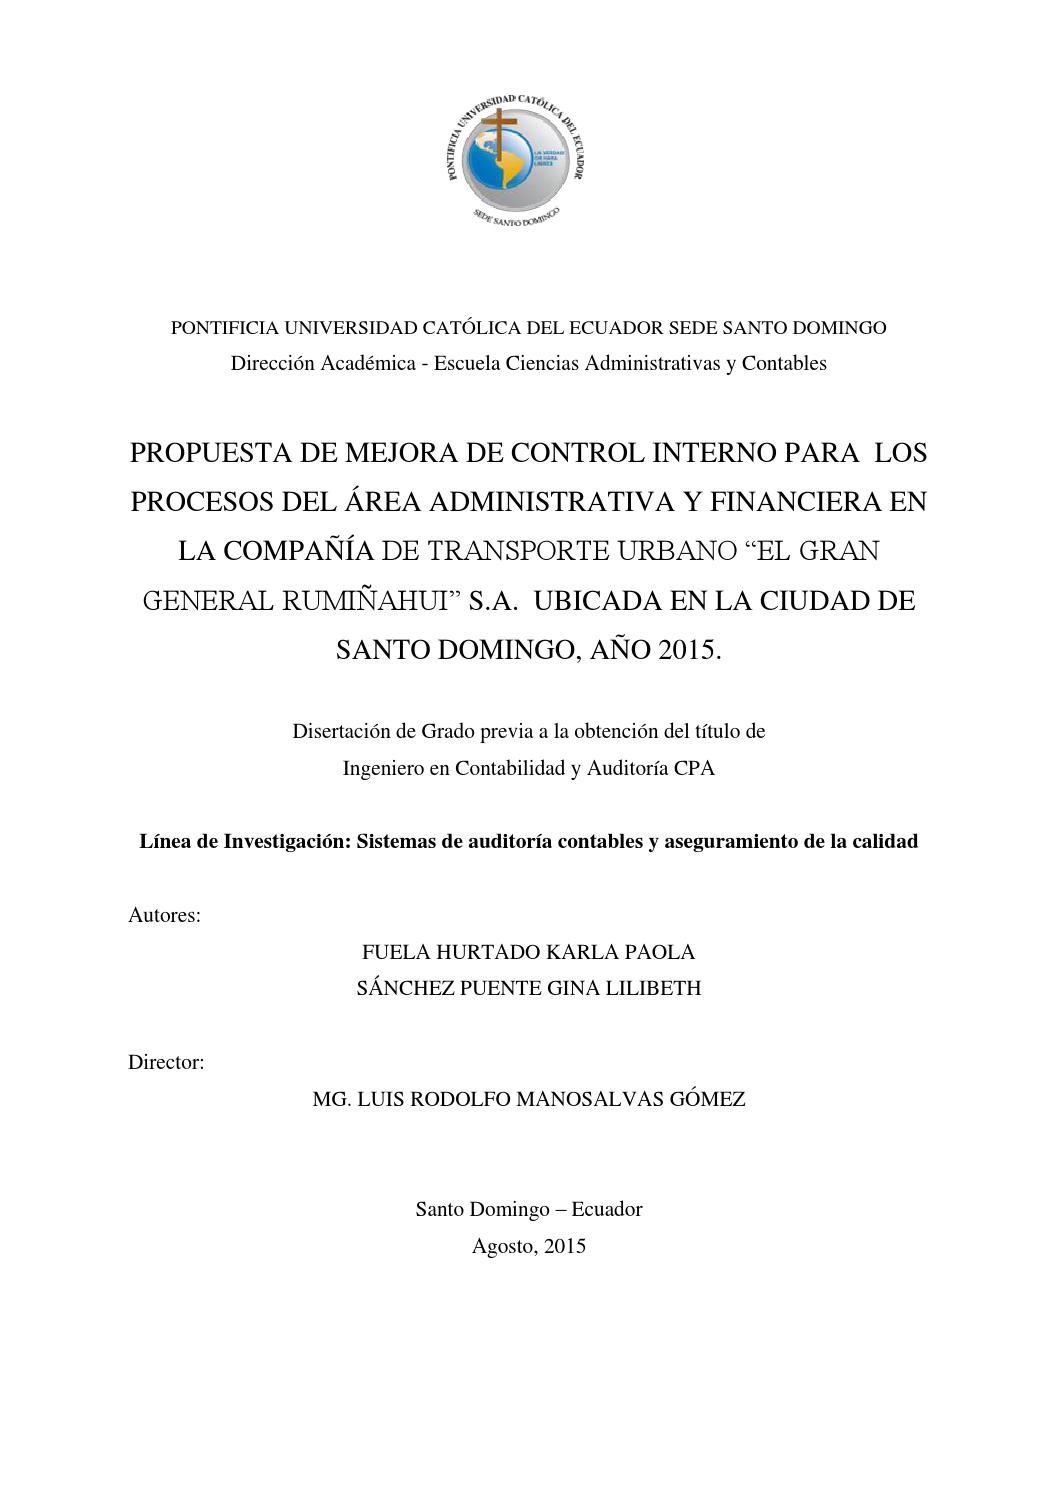 Propuesta de mejora de control interno para los procesos del Área ...